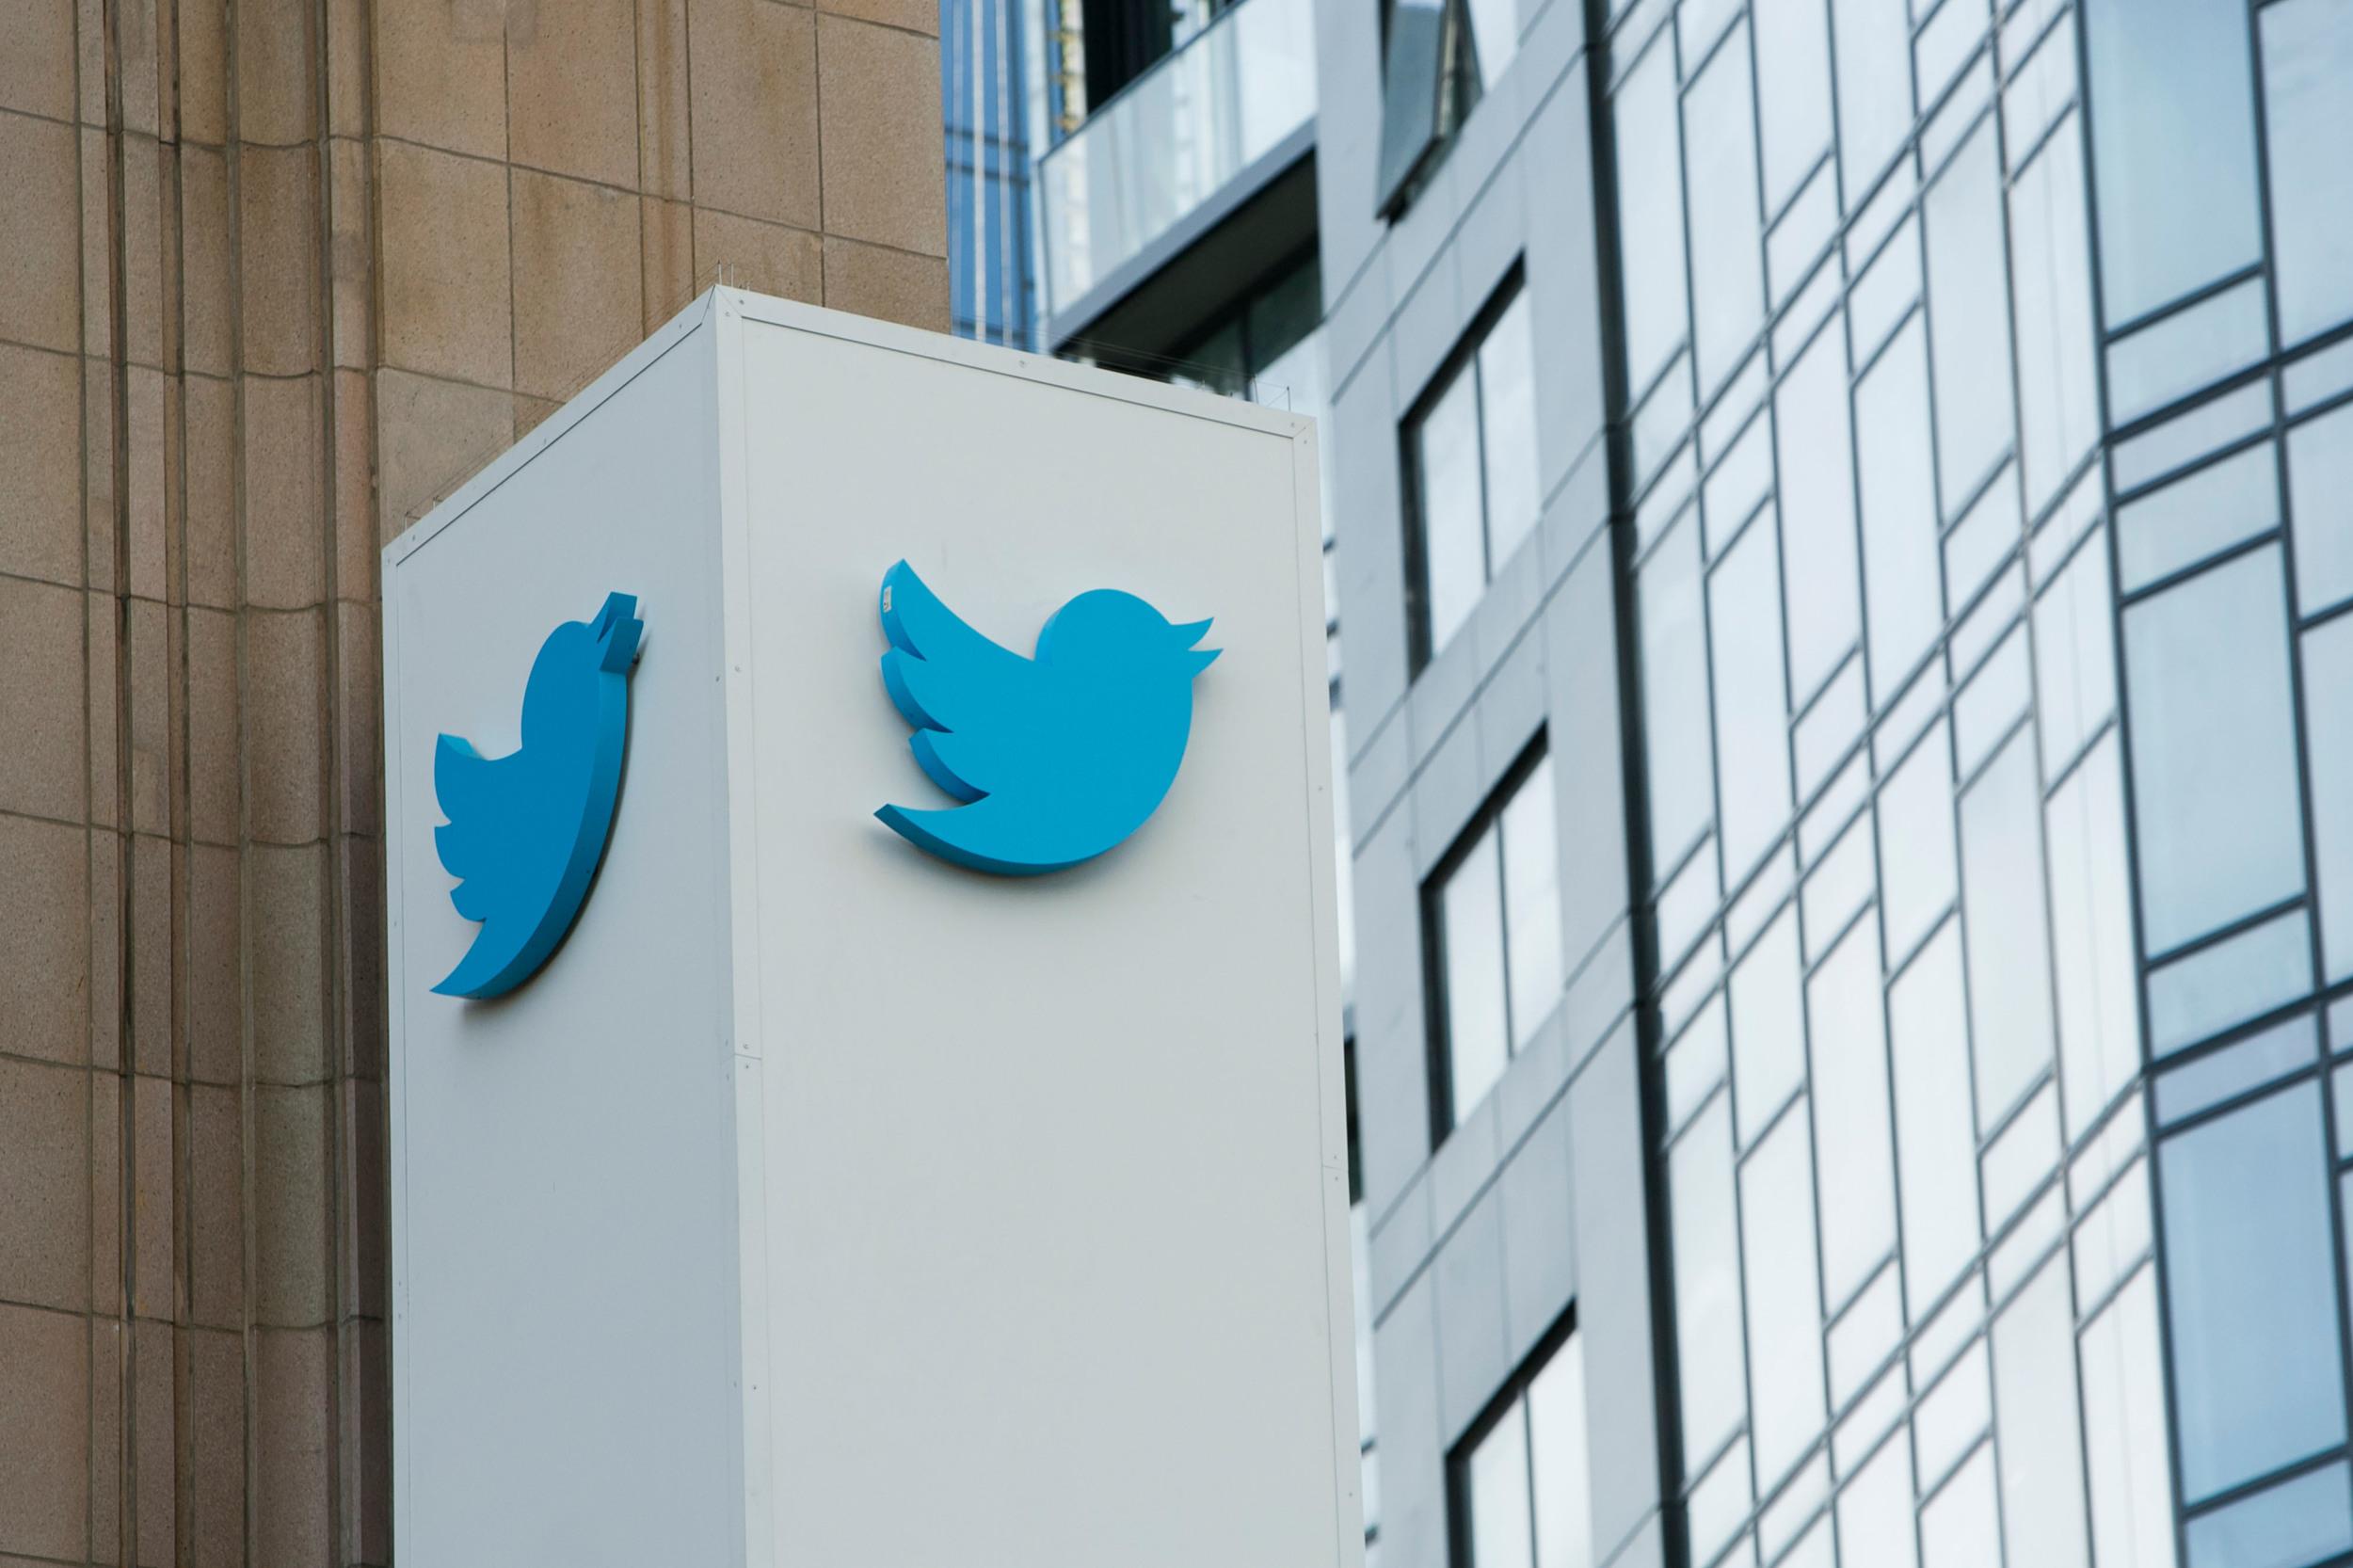 Hackers habrían pagado a empleado de Twitter para acceder a herramientas internas y hacer estafa con bitcoins